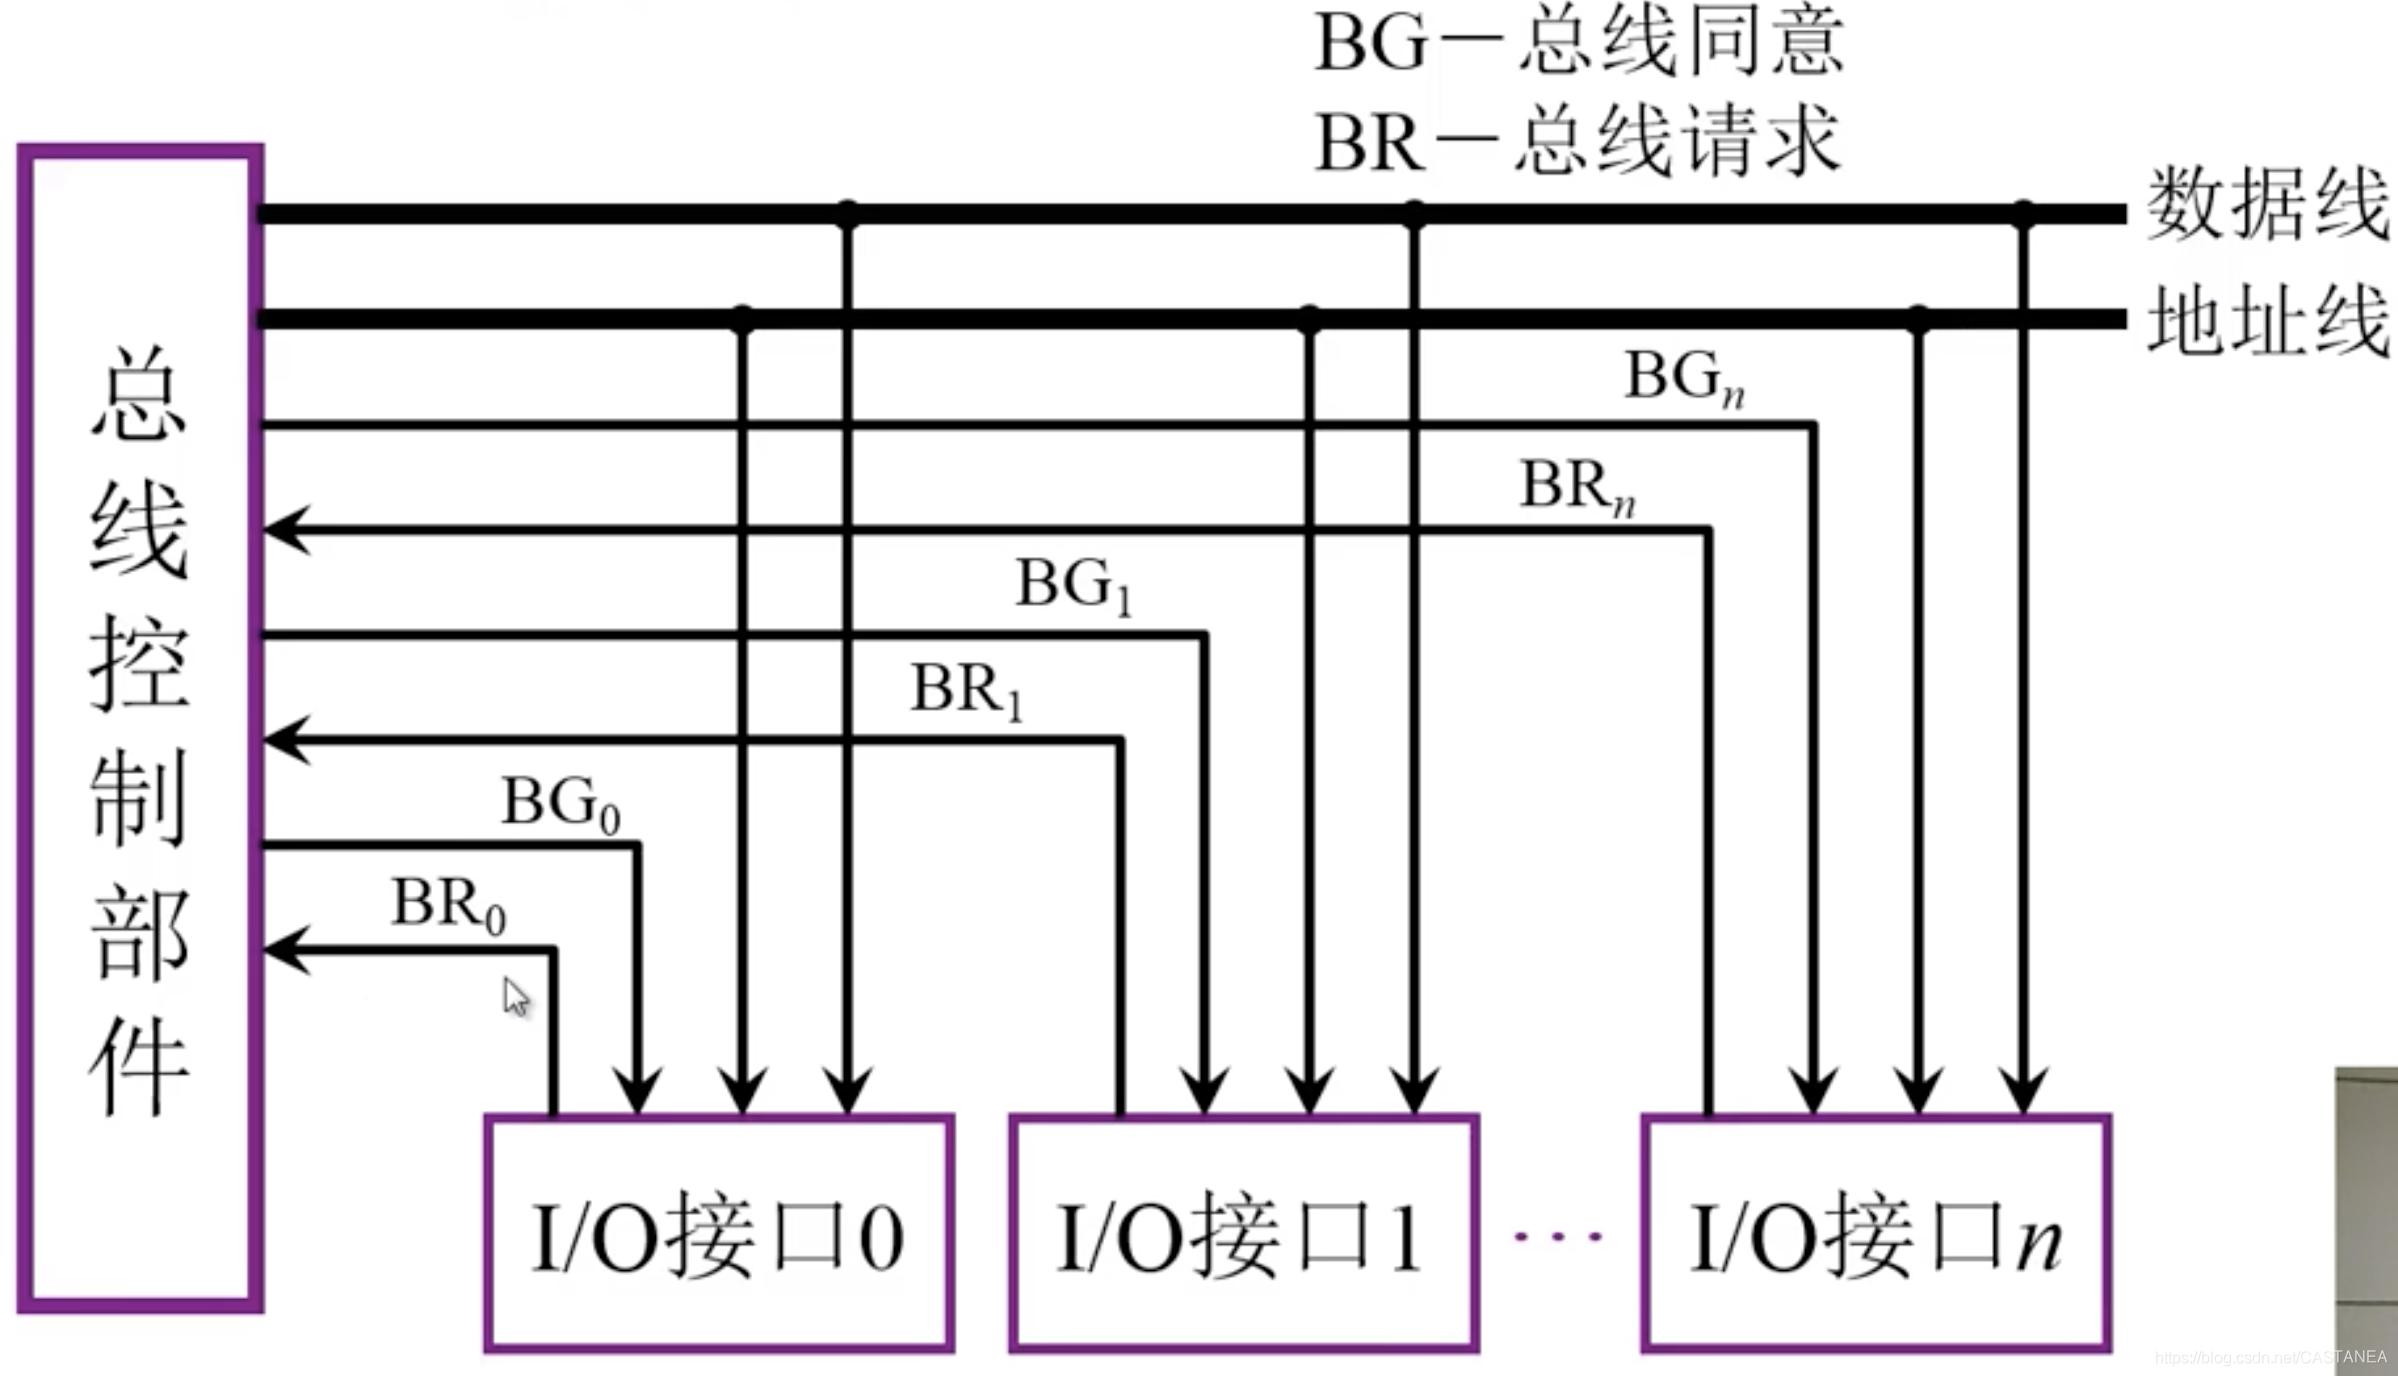 计算机组成原理什么是总线周期_计算机的组成原理